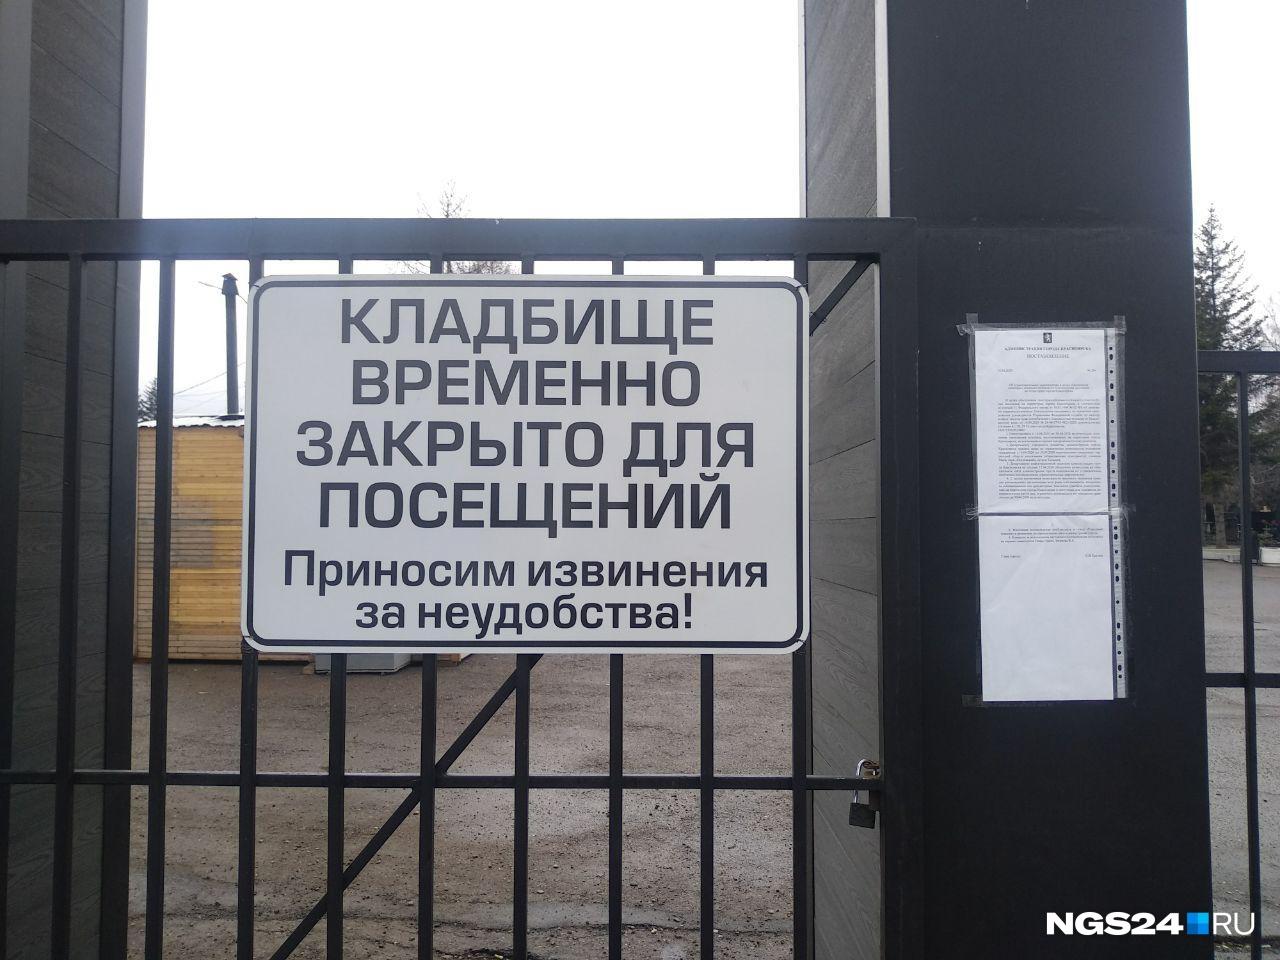 Вот такое объявление висит на воротах